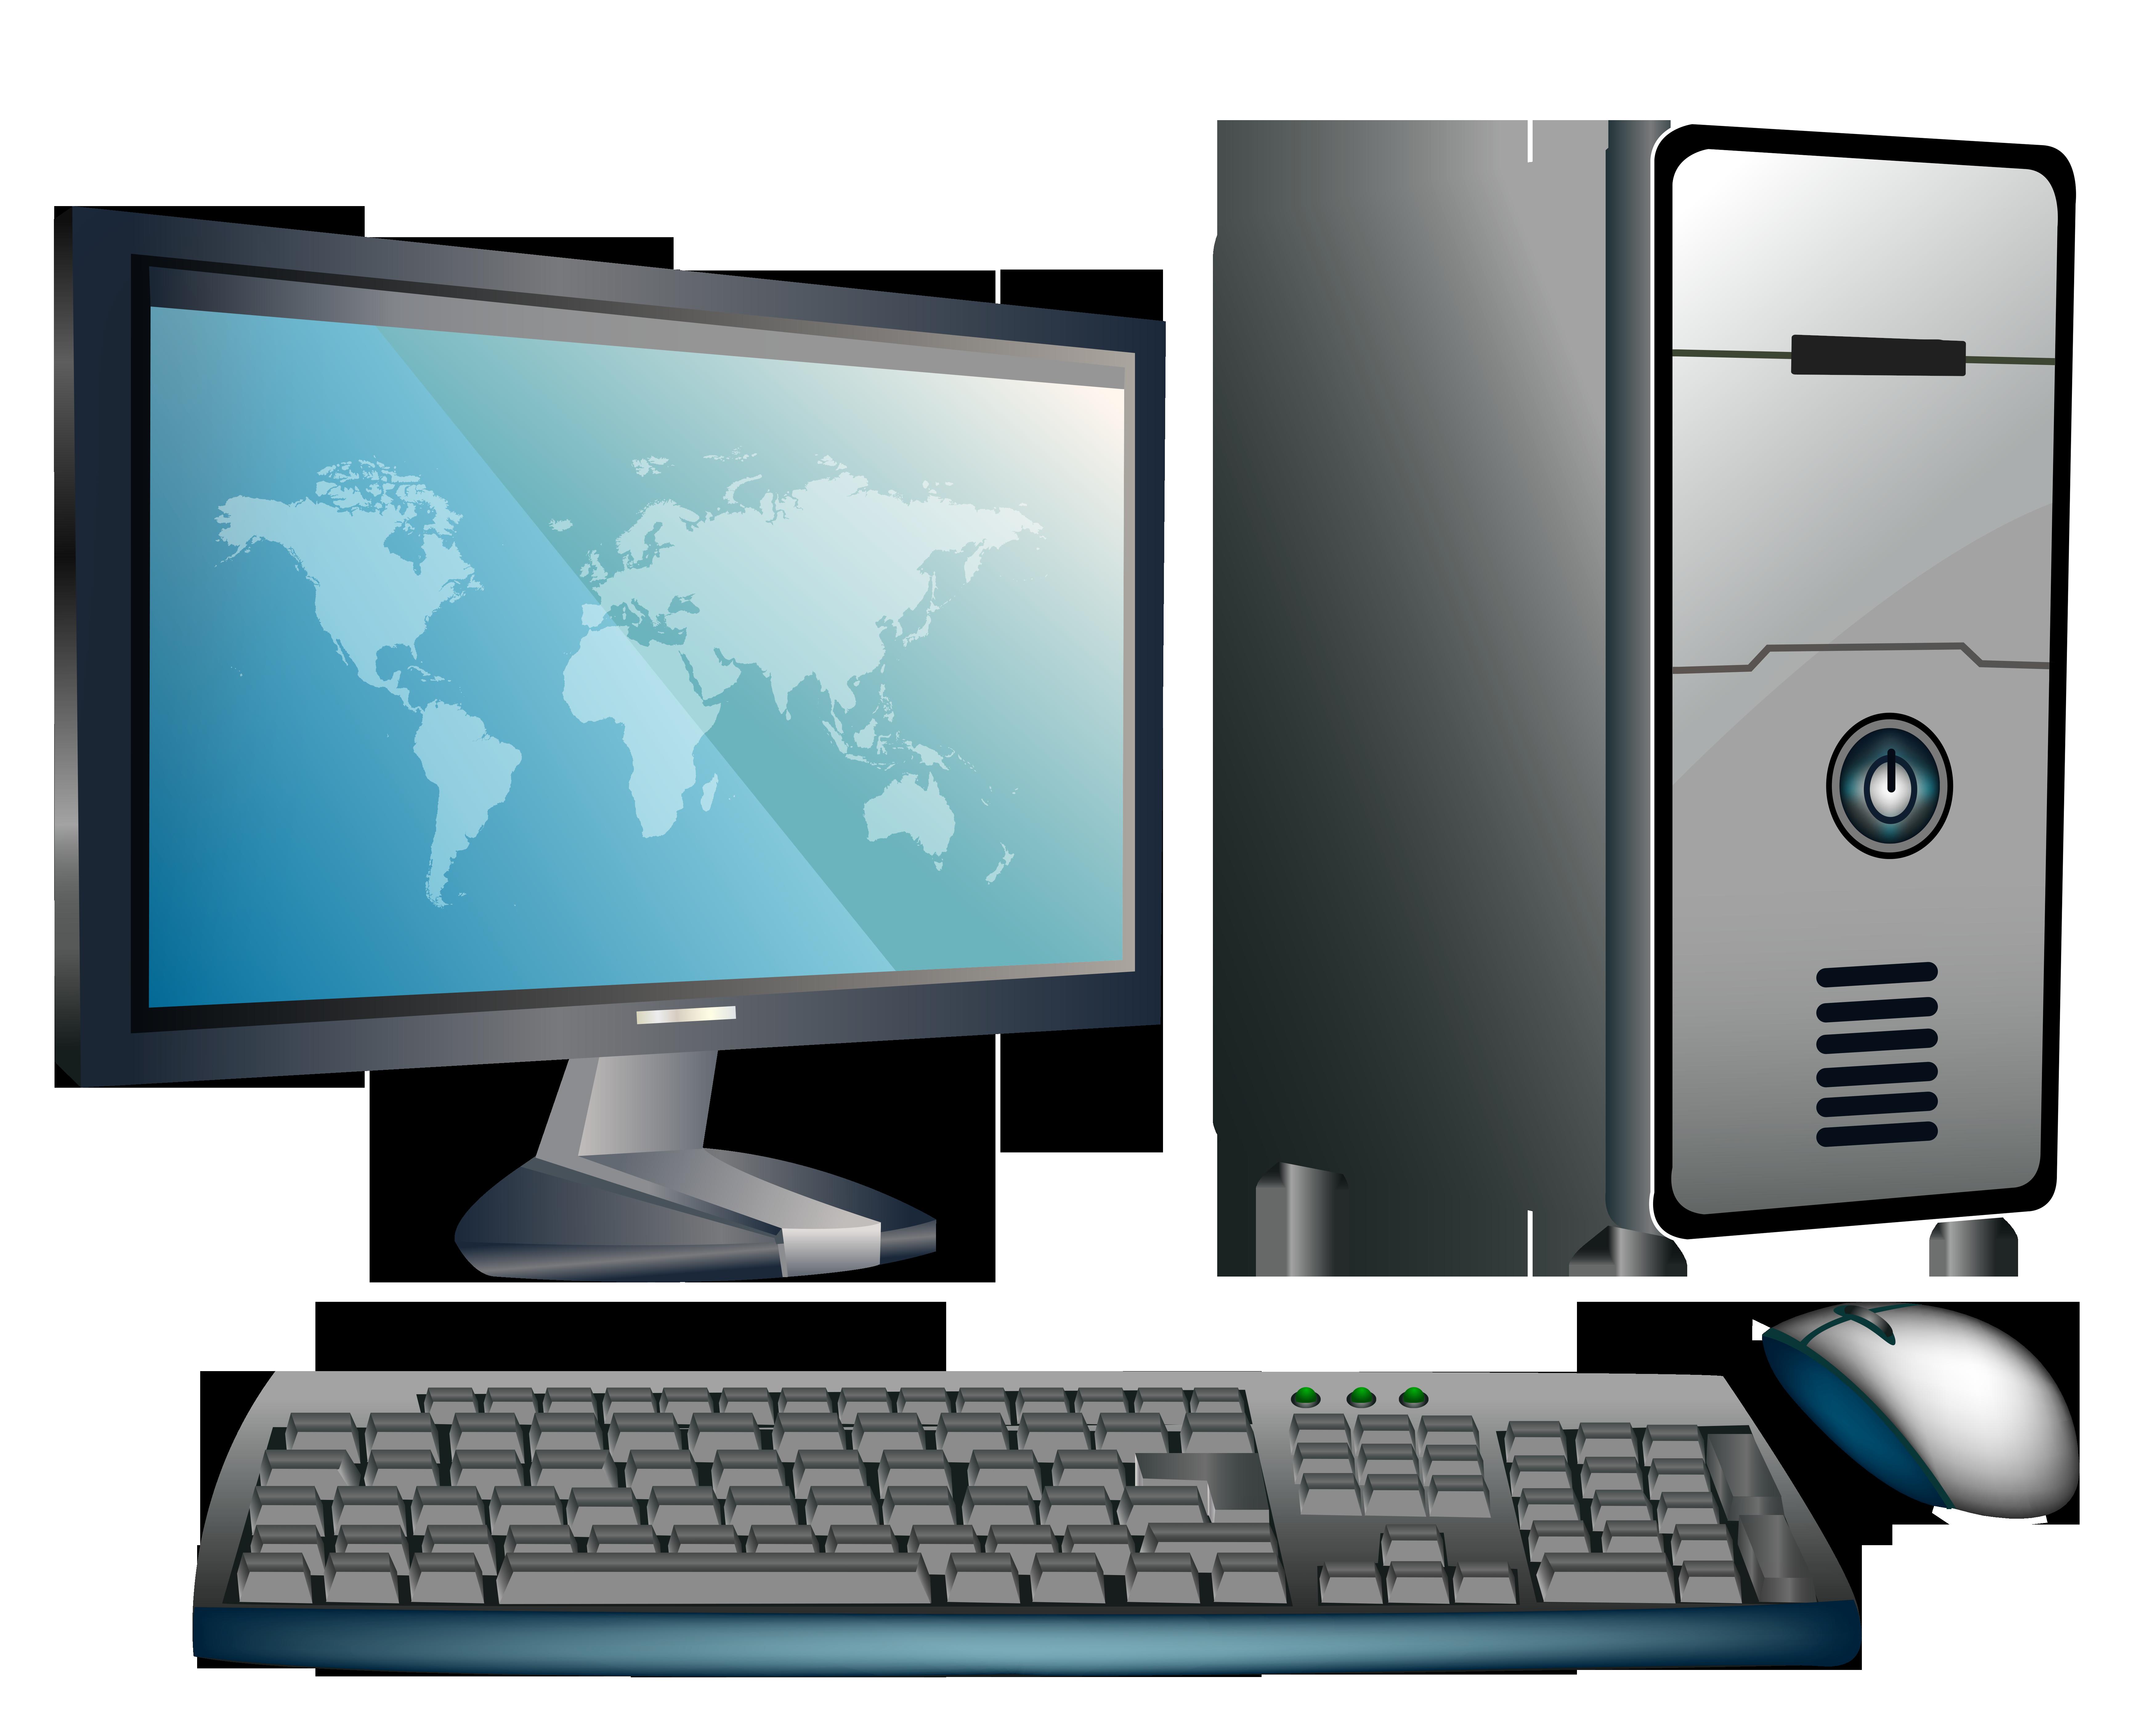 Desktop clipart best web. Computer images png